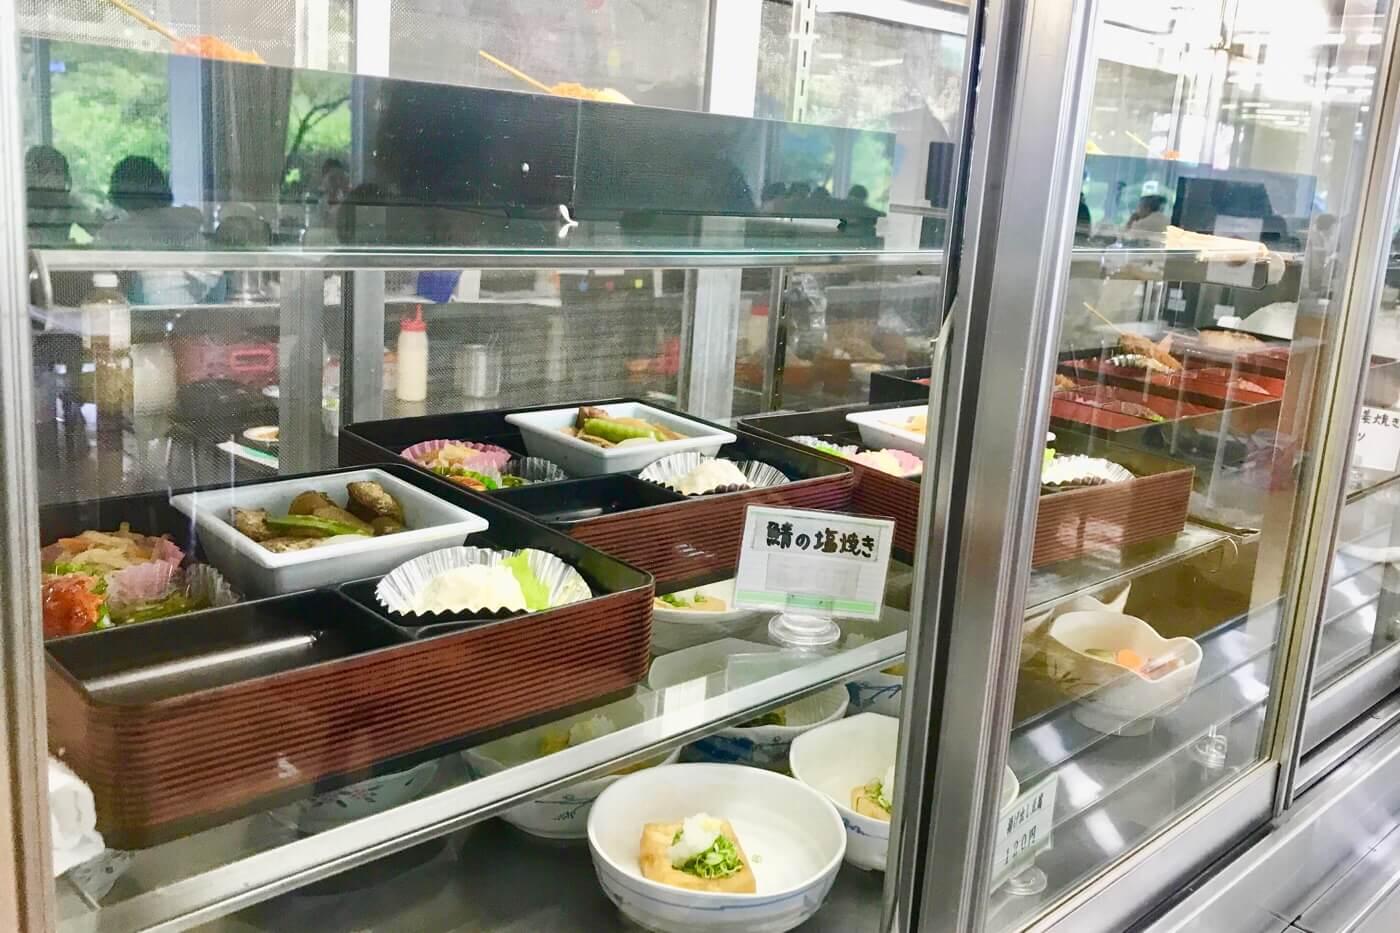 高知医科大学の食堂やまもも 店内に並ぶお惣菜